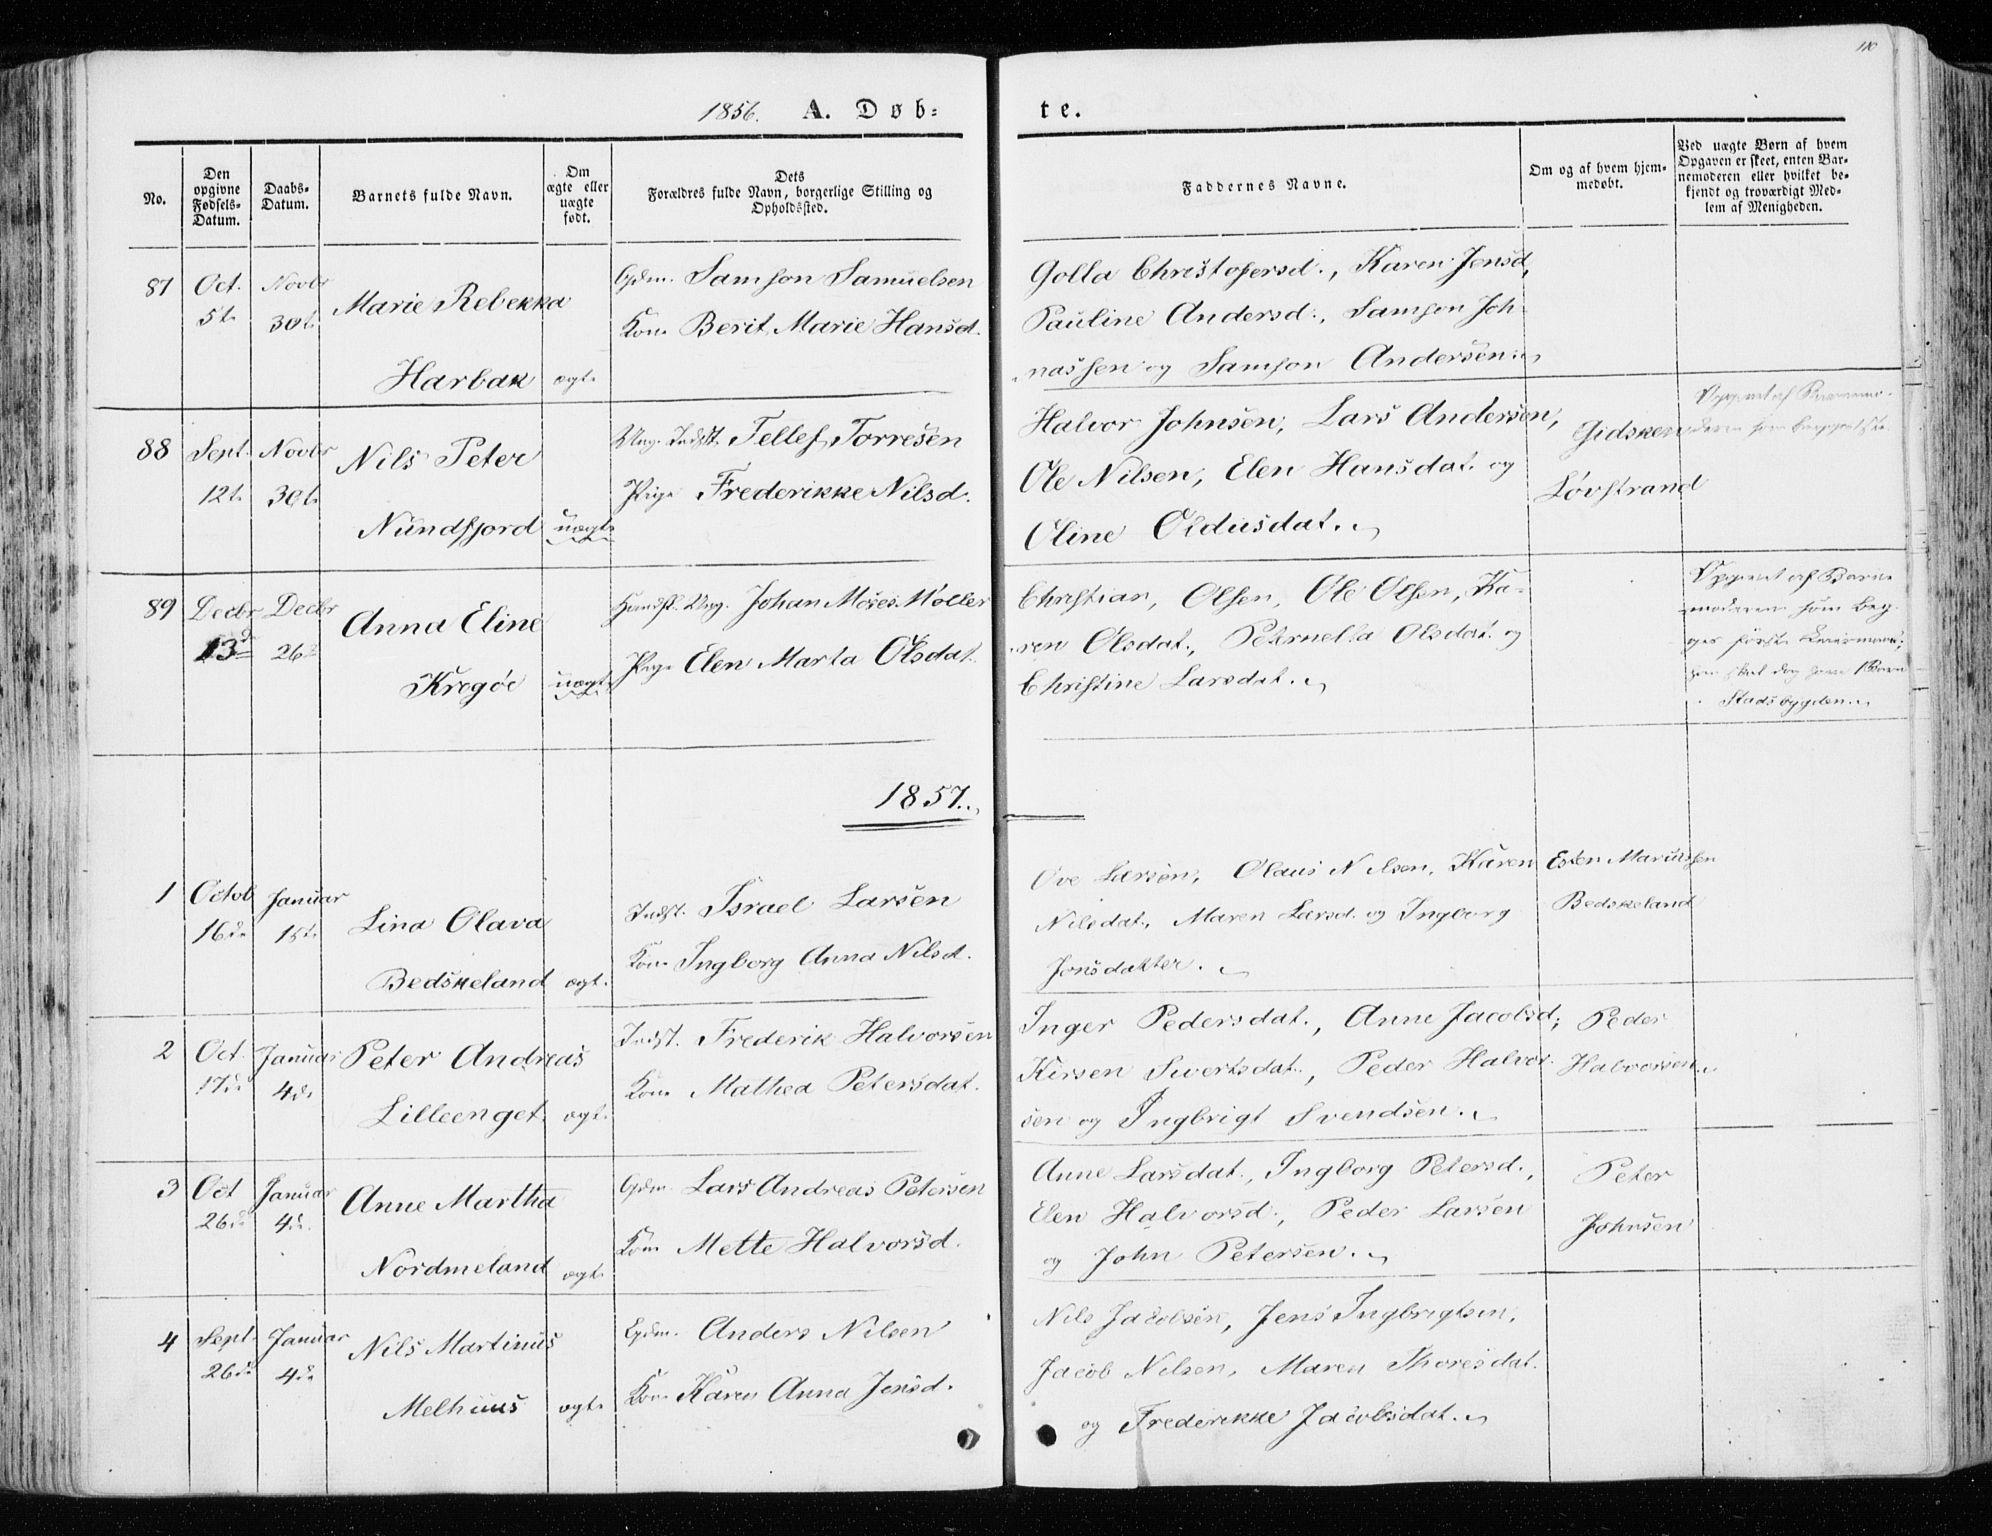 SAT, Ministerialprotokoller, klokkerbøker og fødselsregistre - Sør-Trøndelag, 657/L0704: Ministerialbok nr. 657A05, 1846-1857, s. 110